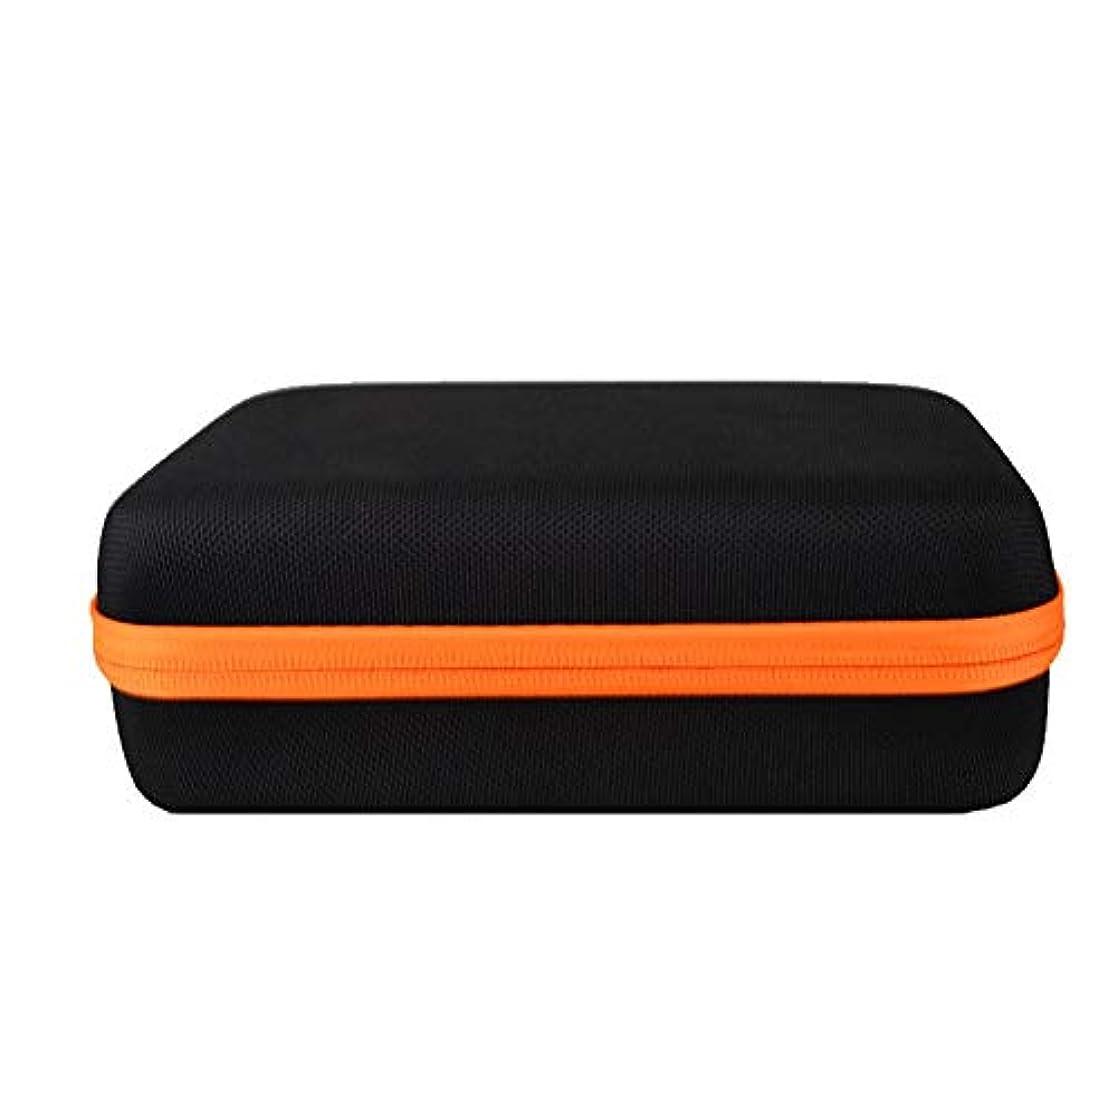 公平に慣れリンスエッセンシャルオイルストレージボックス オレンジ5ミリリットル/ 10ミリリットル/ 15ミリリットルの油のボトル用ケースプレミアム保護キャリングエッセンシャルオイル 旅行およびプレゼンテーション用 (色 : オレンジ, サイズ : 21.5X17.2X7.6CM)